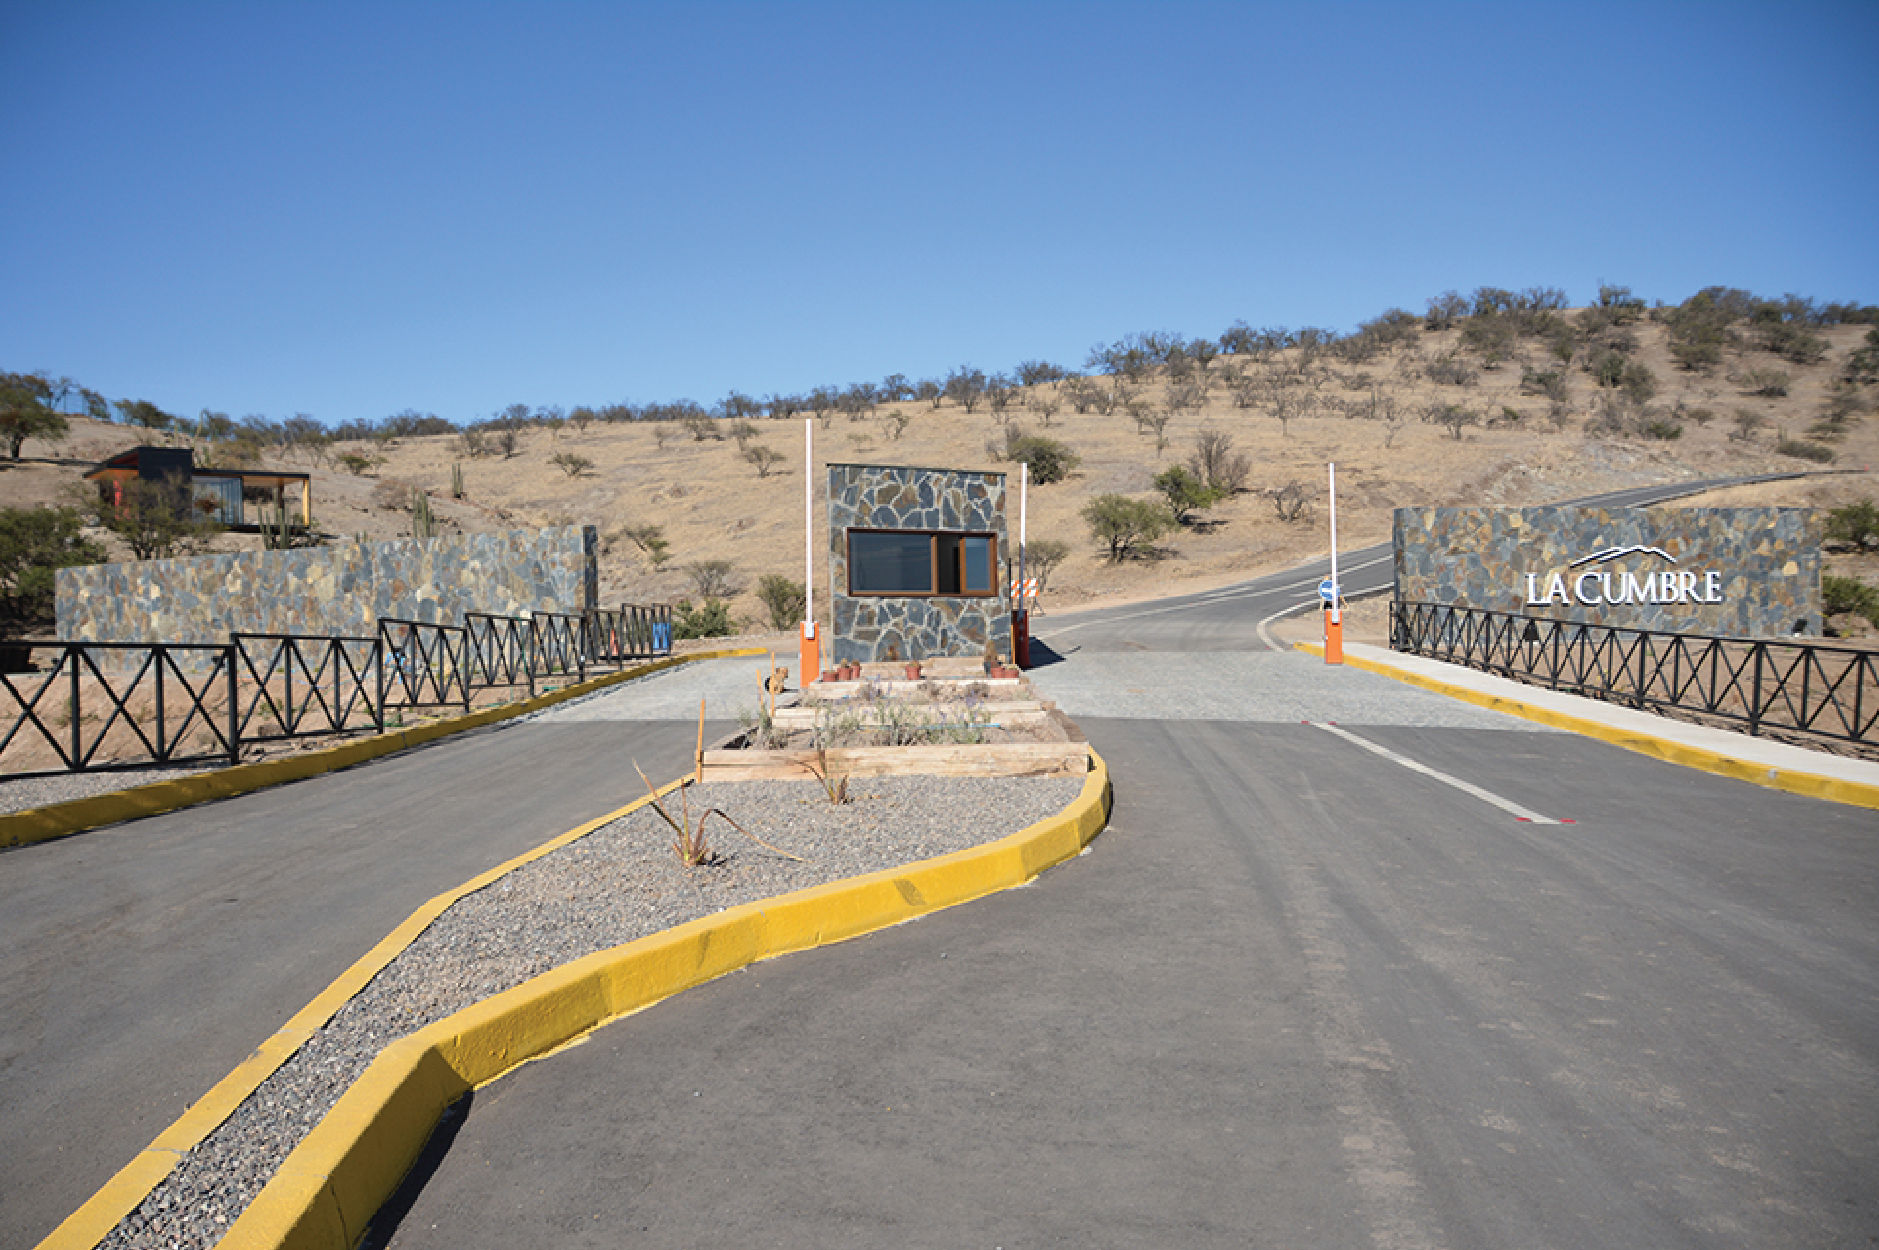 Formato Panoramico La Cumbre-04.jpg